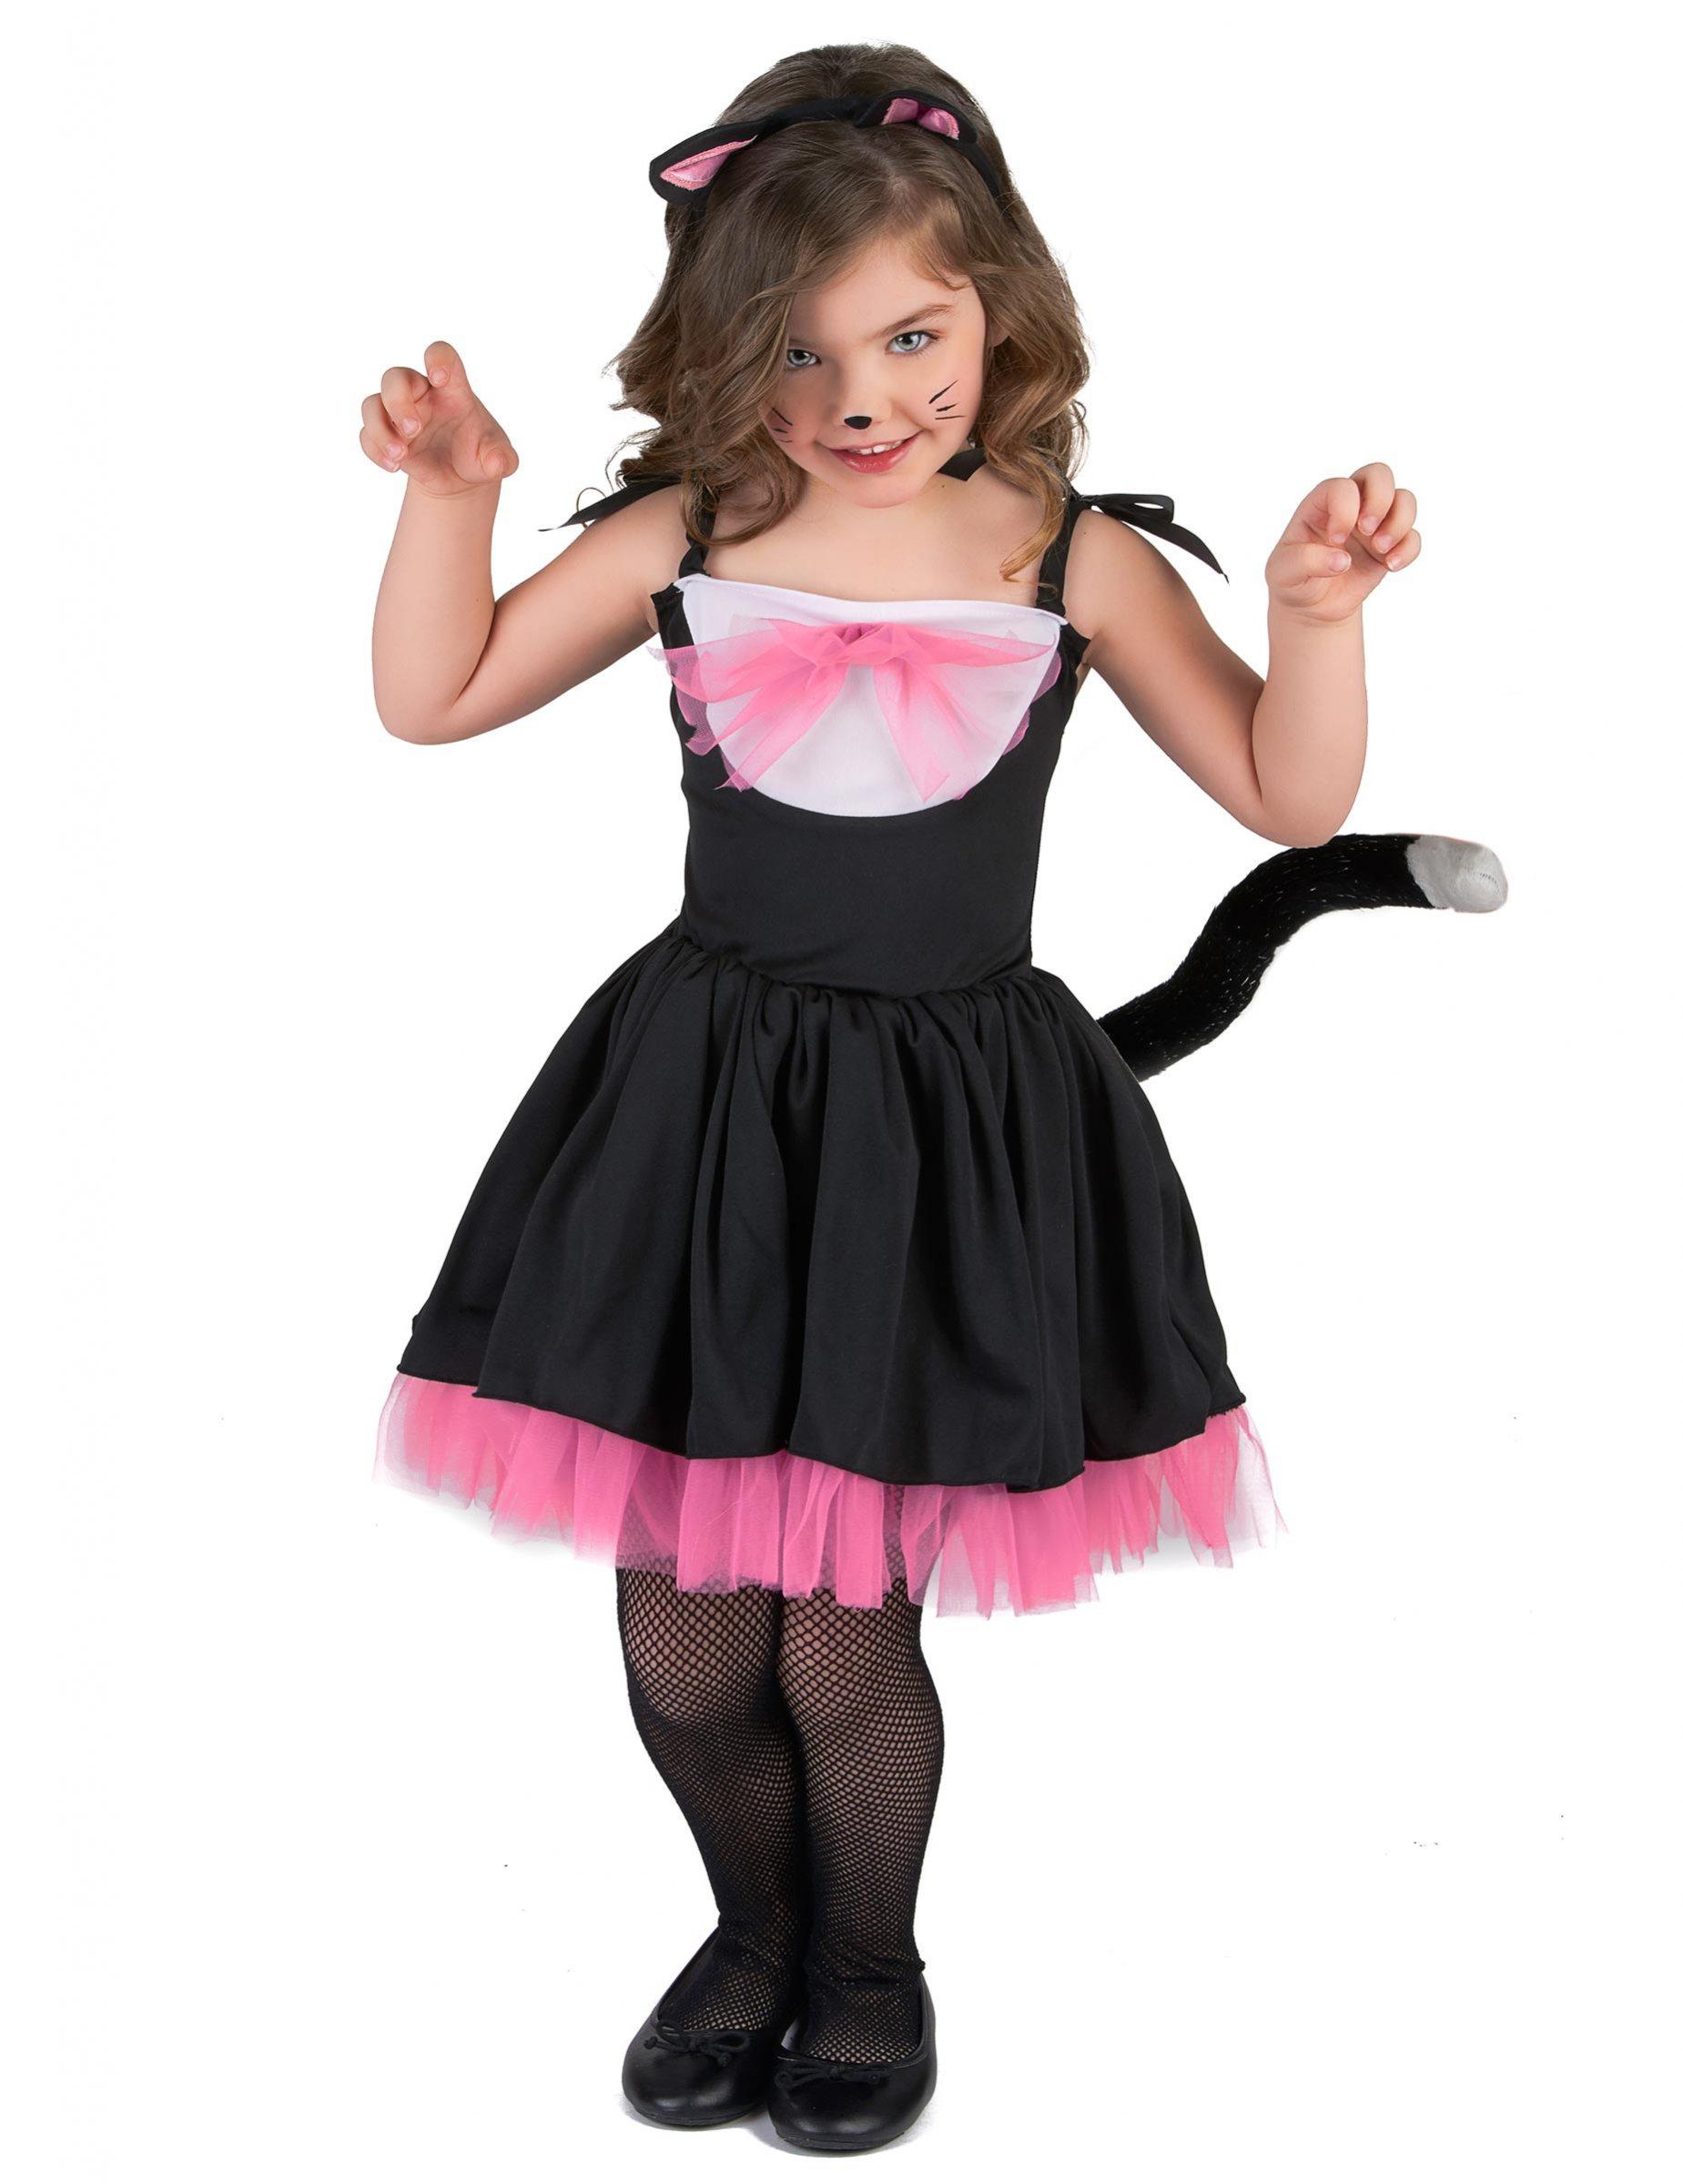 d guisement chat noir et rose fille deguise toi achat de d guisements enfants. Black Bedroom Furniture Sets. Home Design Ideas